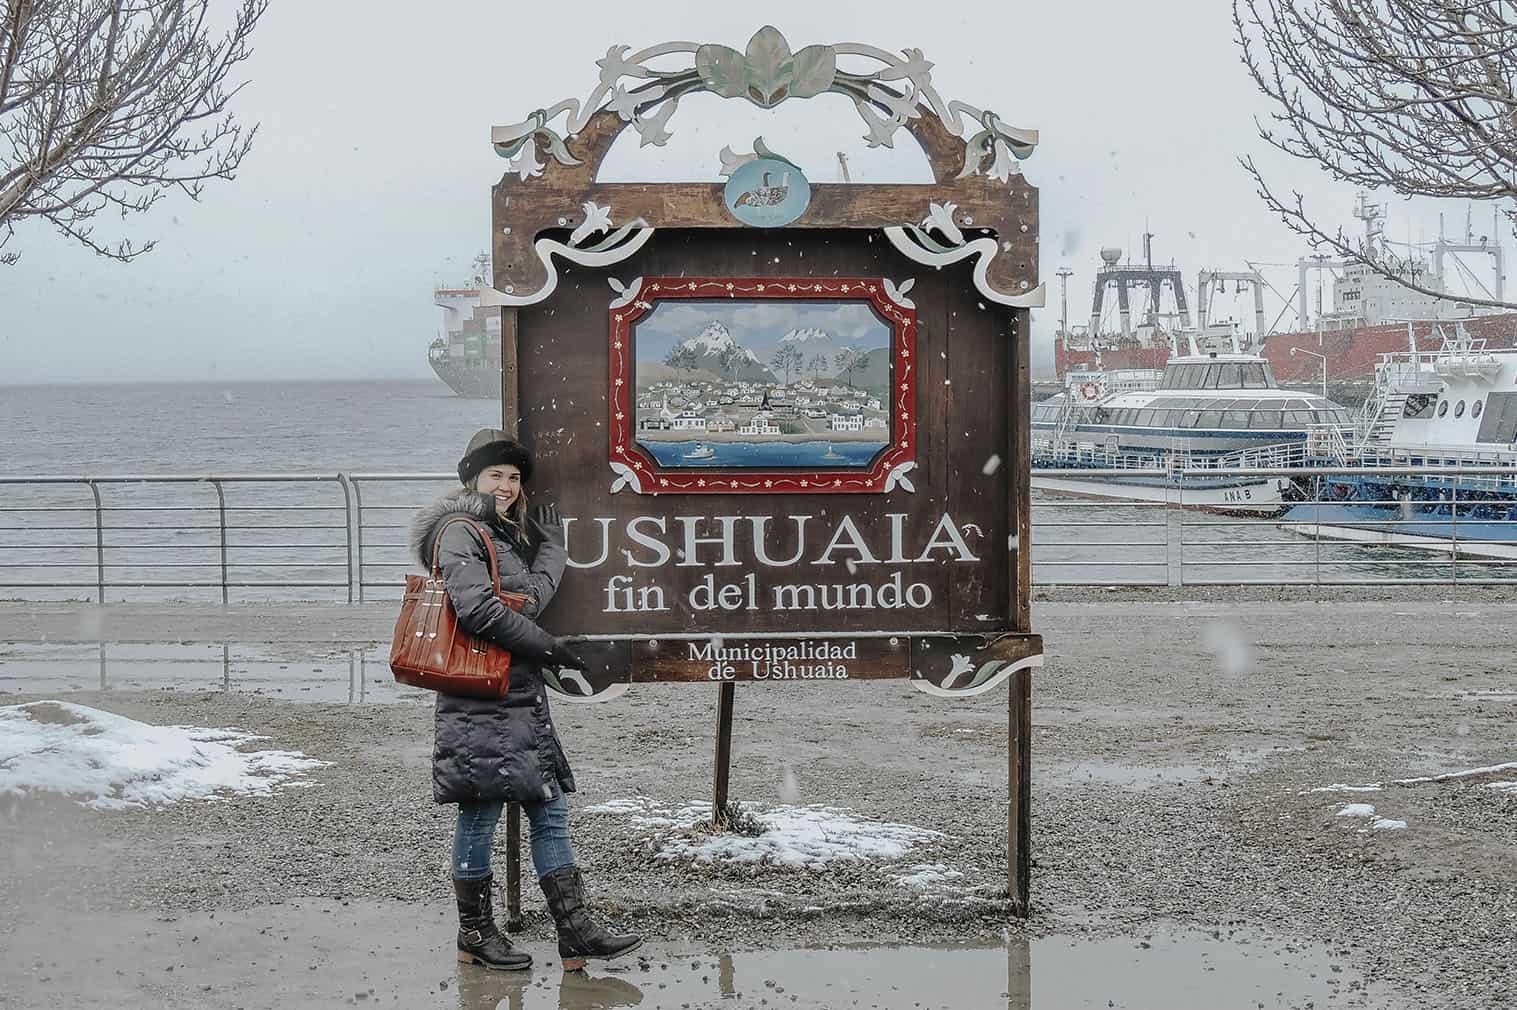 Viagem para o Ushuaia Argentina